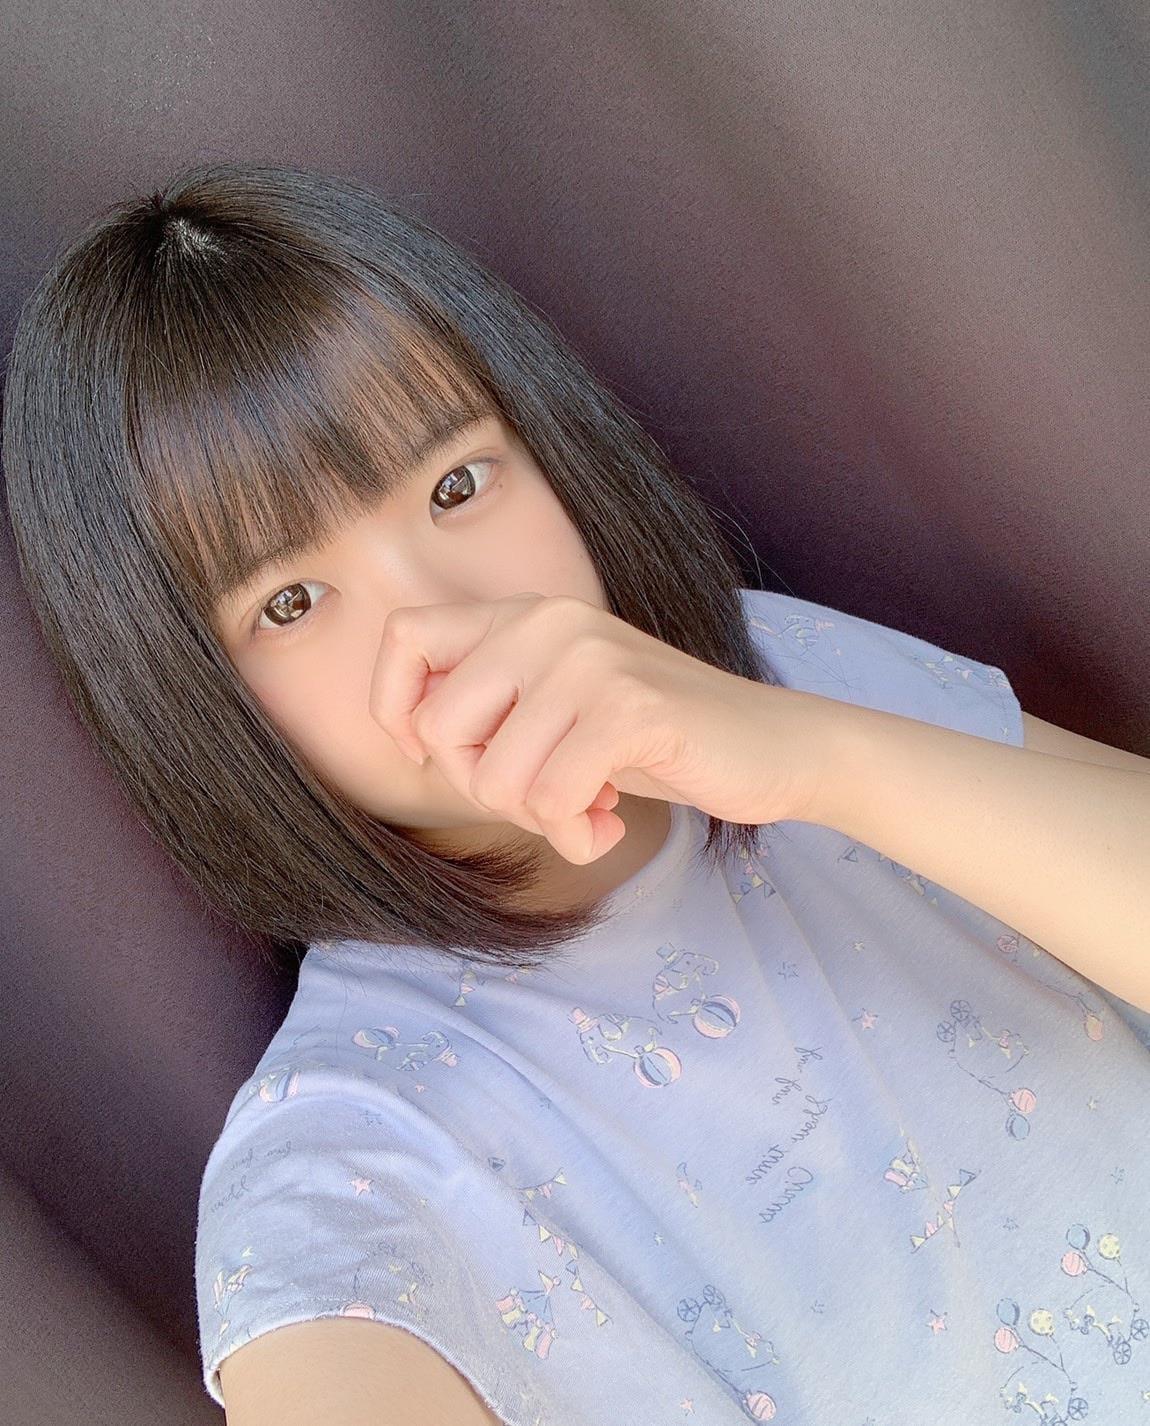 「お礼?」07/26(月) 18:56 | 香坂 みおりの写メ日記